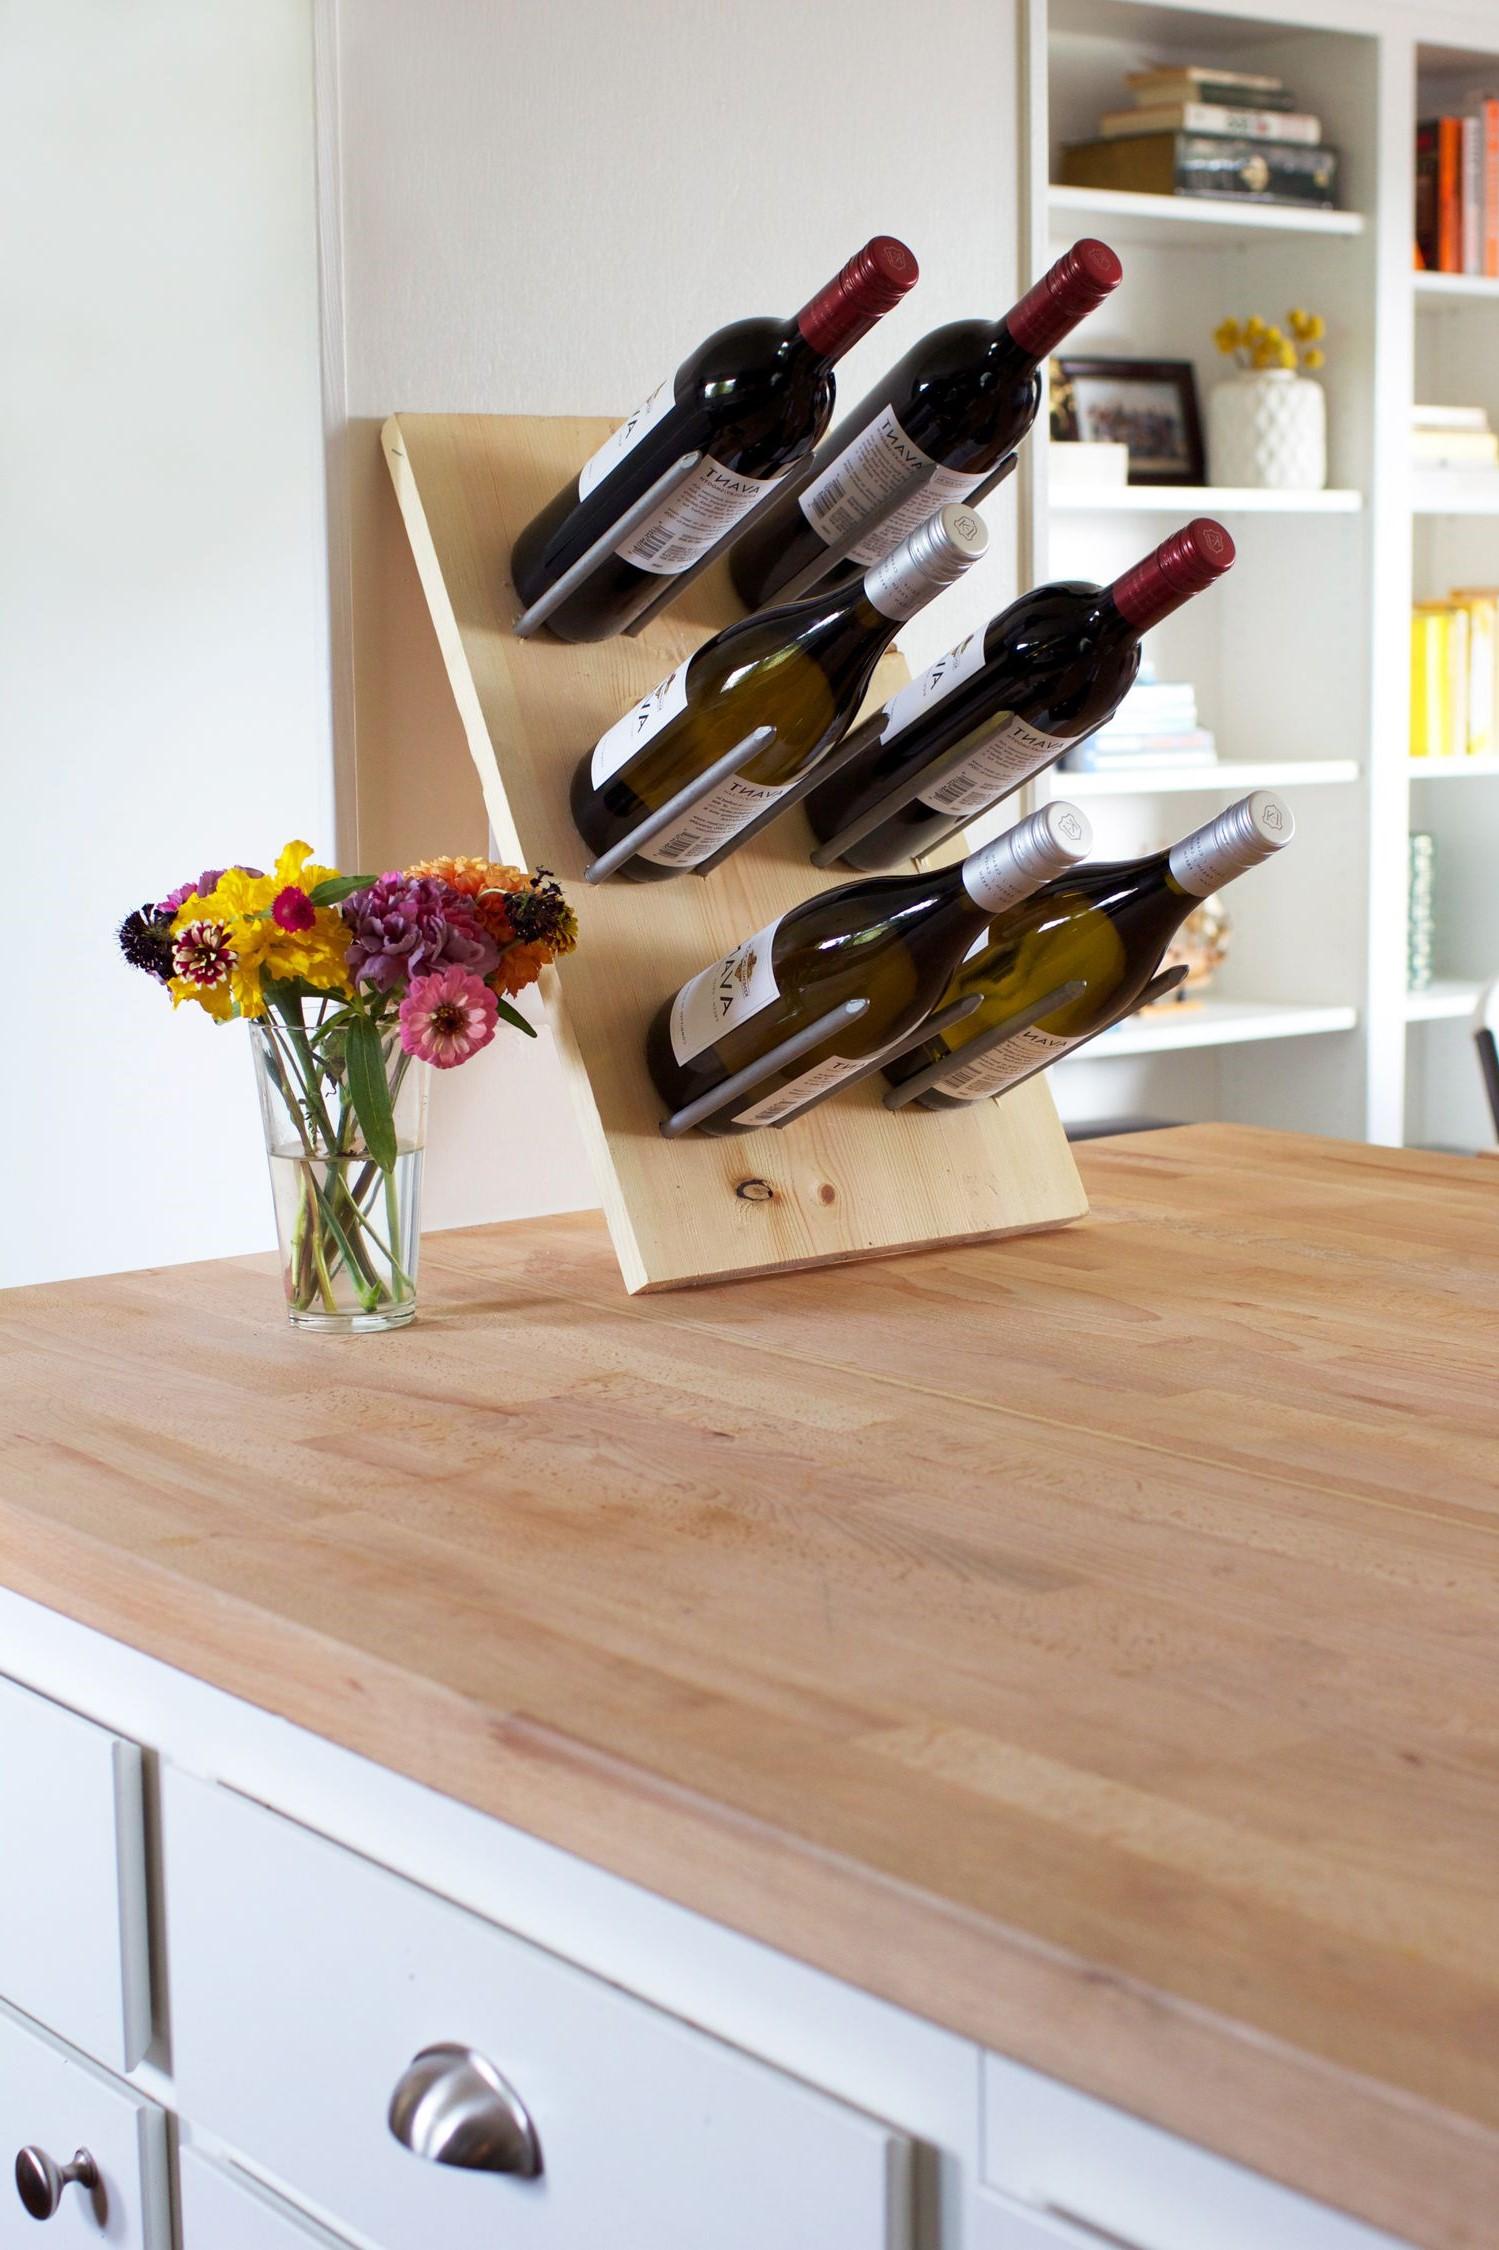 Casier à vin: quelle brillante idée!